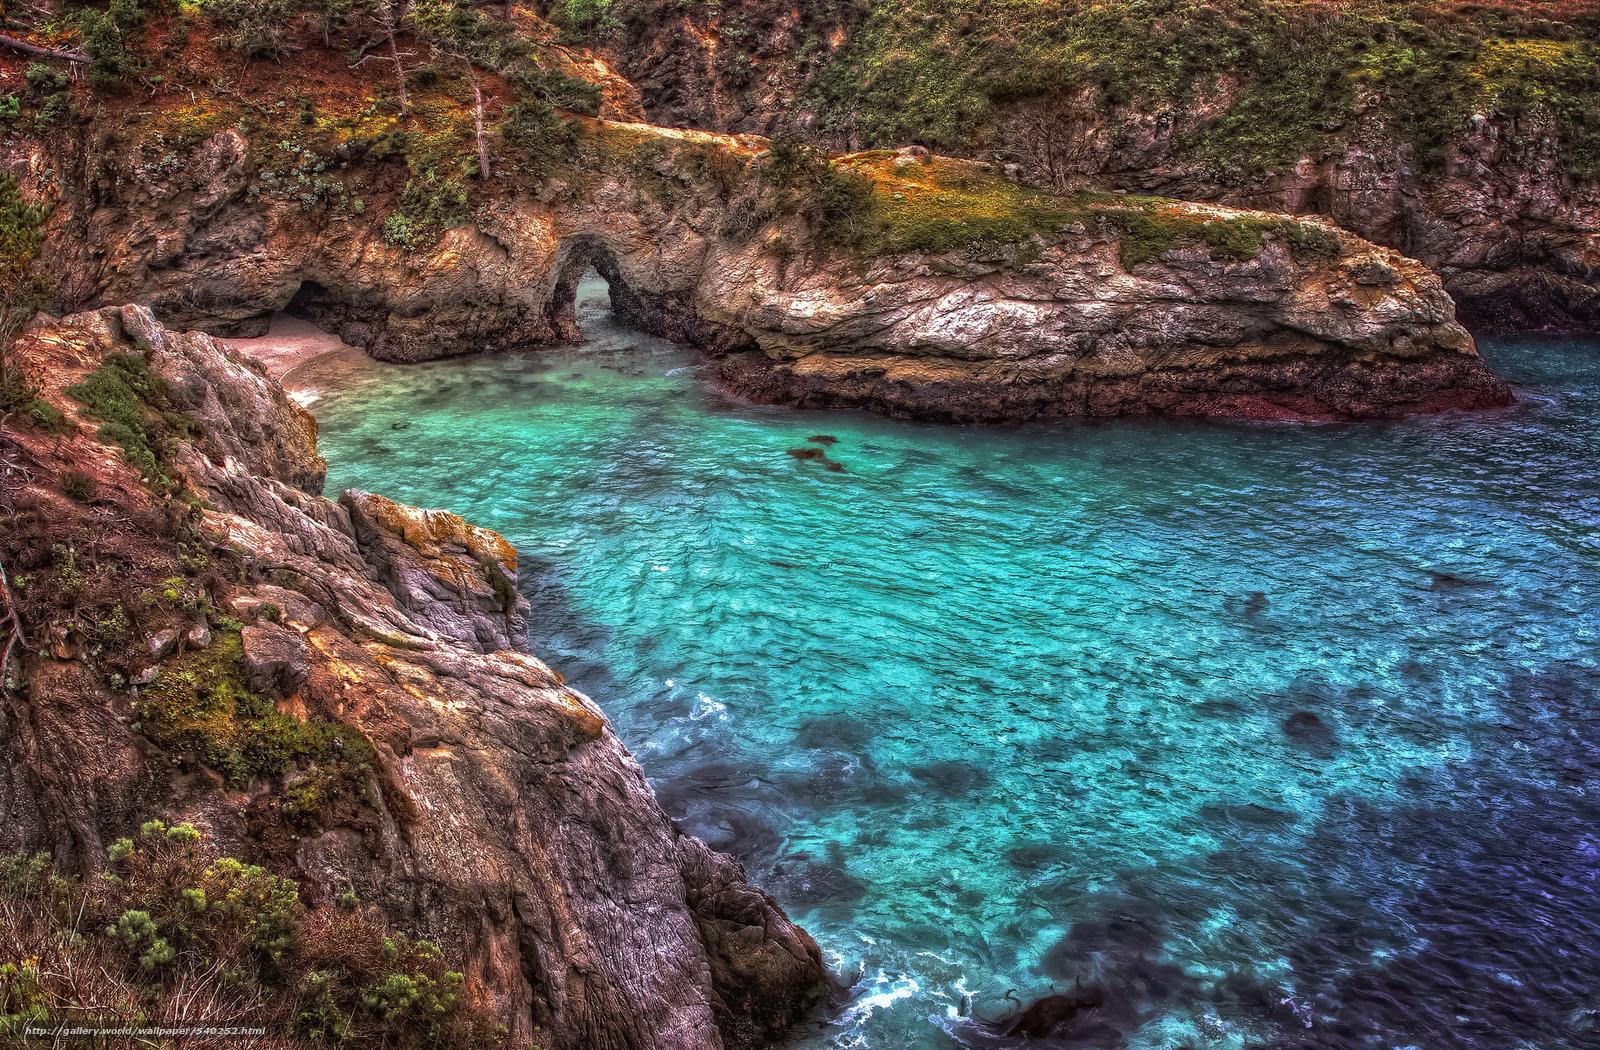 Скачать обои China Cove,  Point Lobos,  Carmel-by-the-Sea,  California бесплатно для рабочего стола в разрешении 2048x1344 — картинка №540252